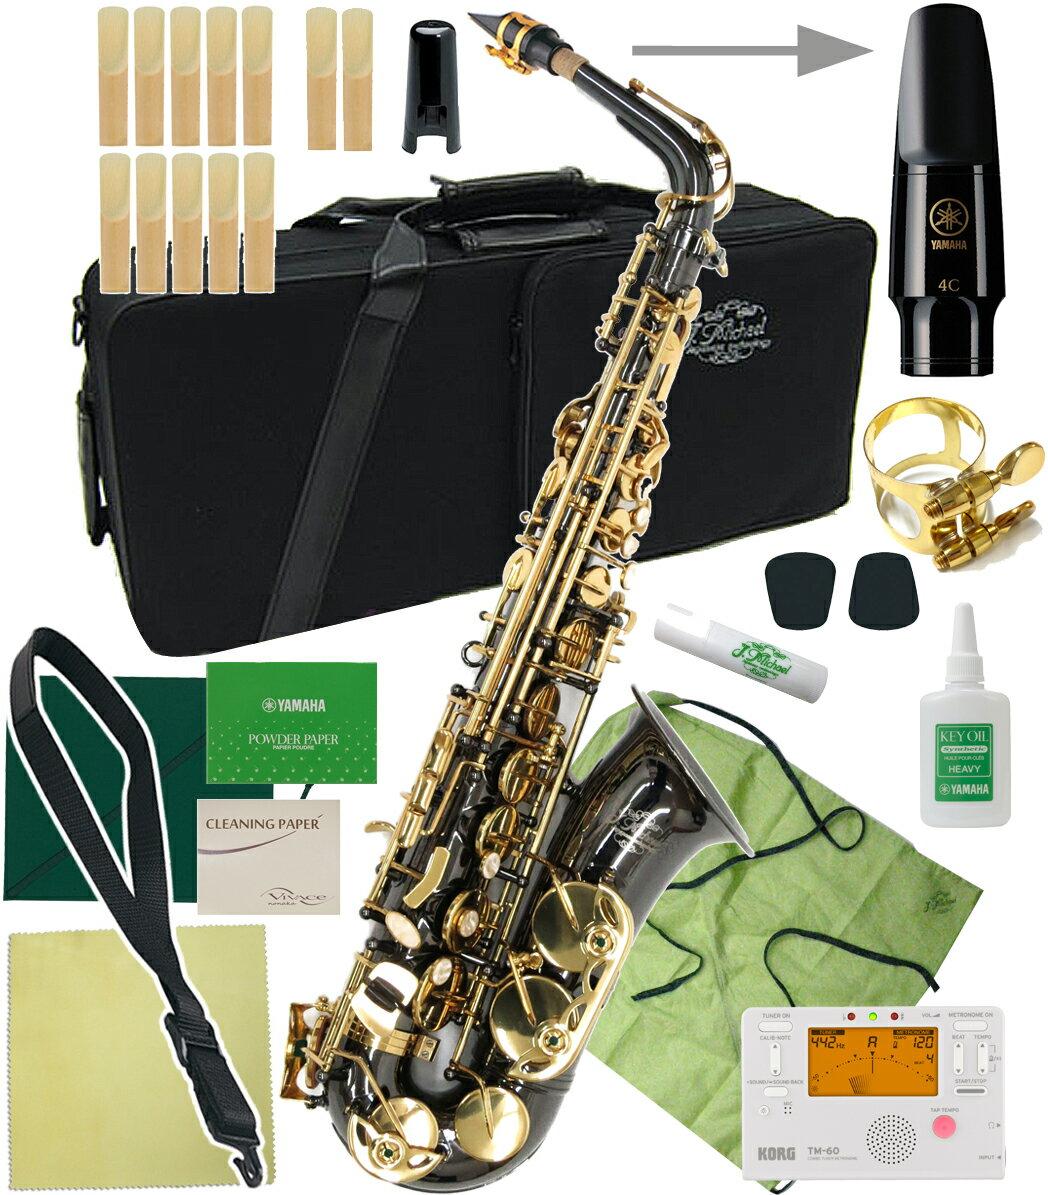 JMichael(Jマイケル)AL-900Bアルトサックス新品カラーブラック管楽器管体黒色初心者アル